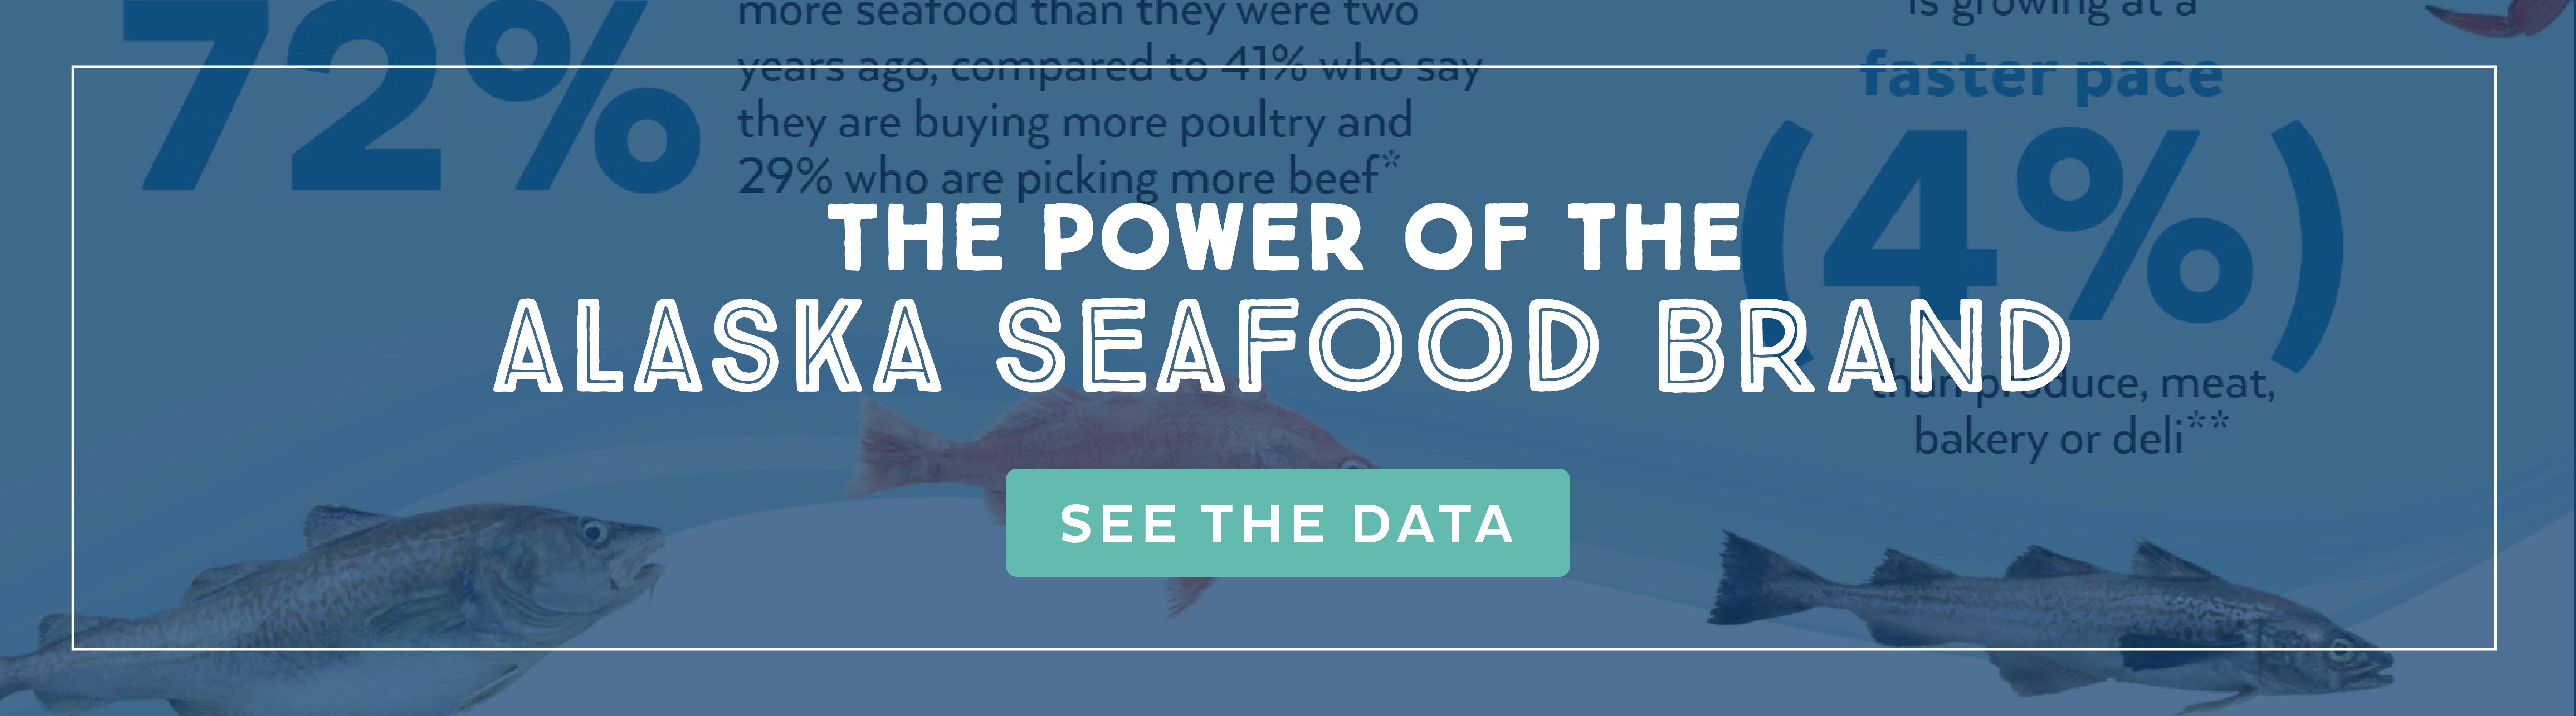 The Power of the Alaska Seafood Brand